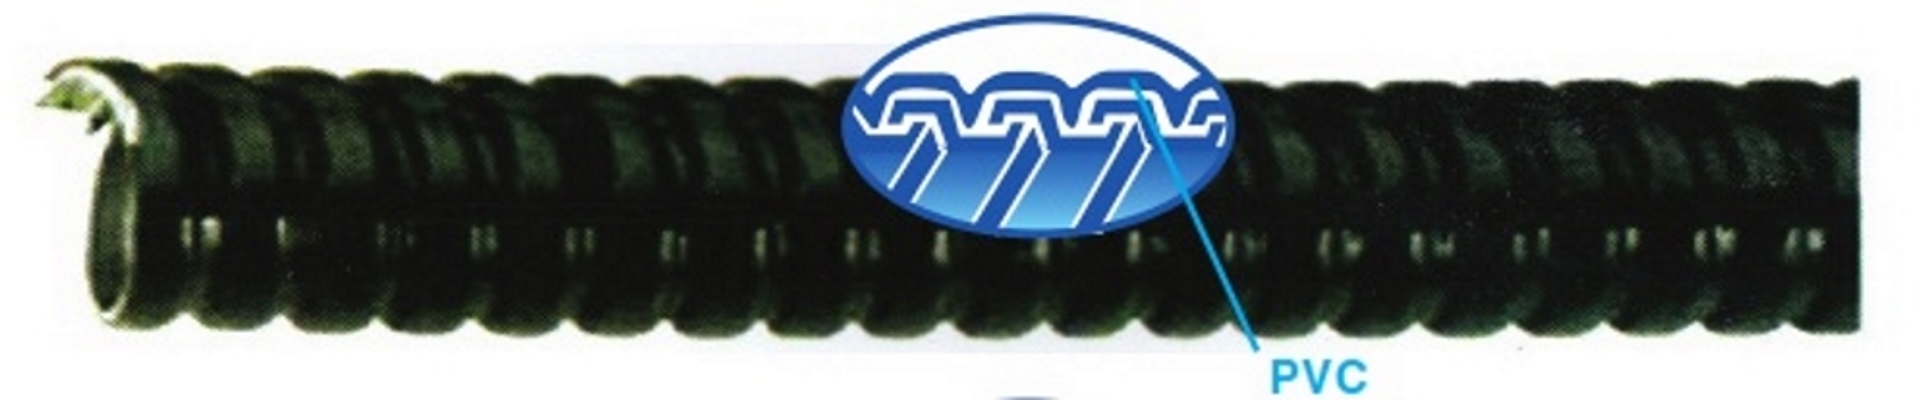 """Ống ruột gà lõi thép bọc nhựa PVC phi từ 1/2'' đến 1"""" , cuộn dài 50 m, Blue Eagle, ống luồn dây điện"""